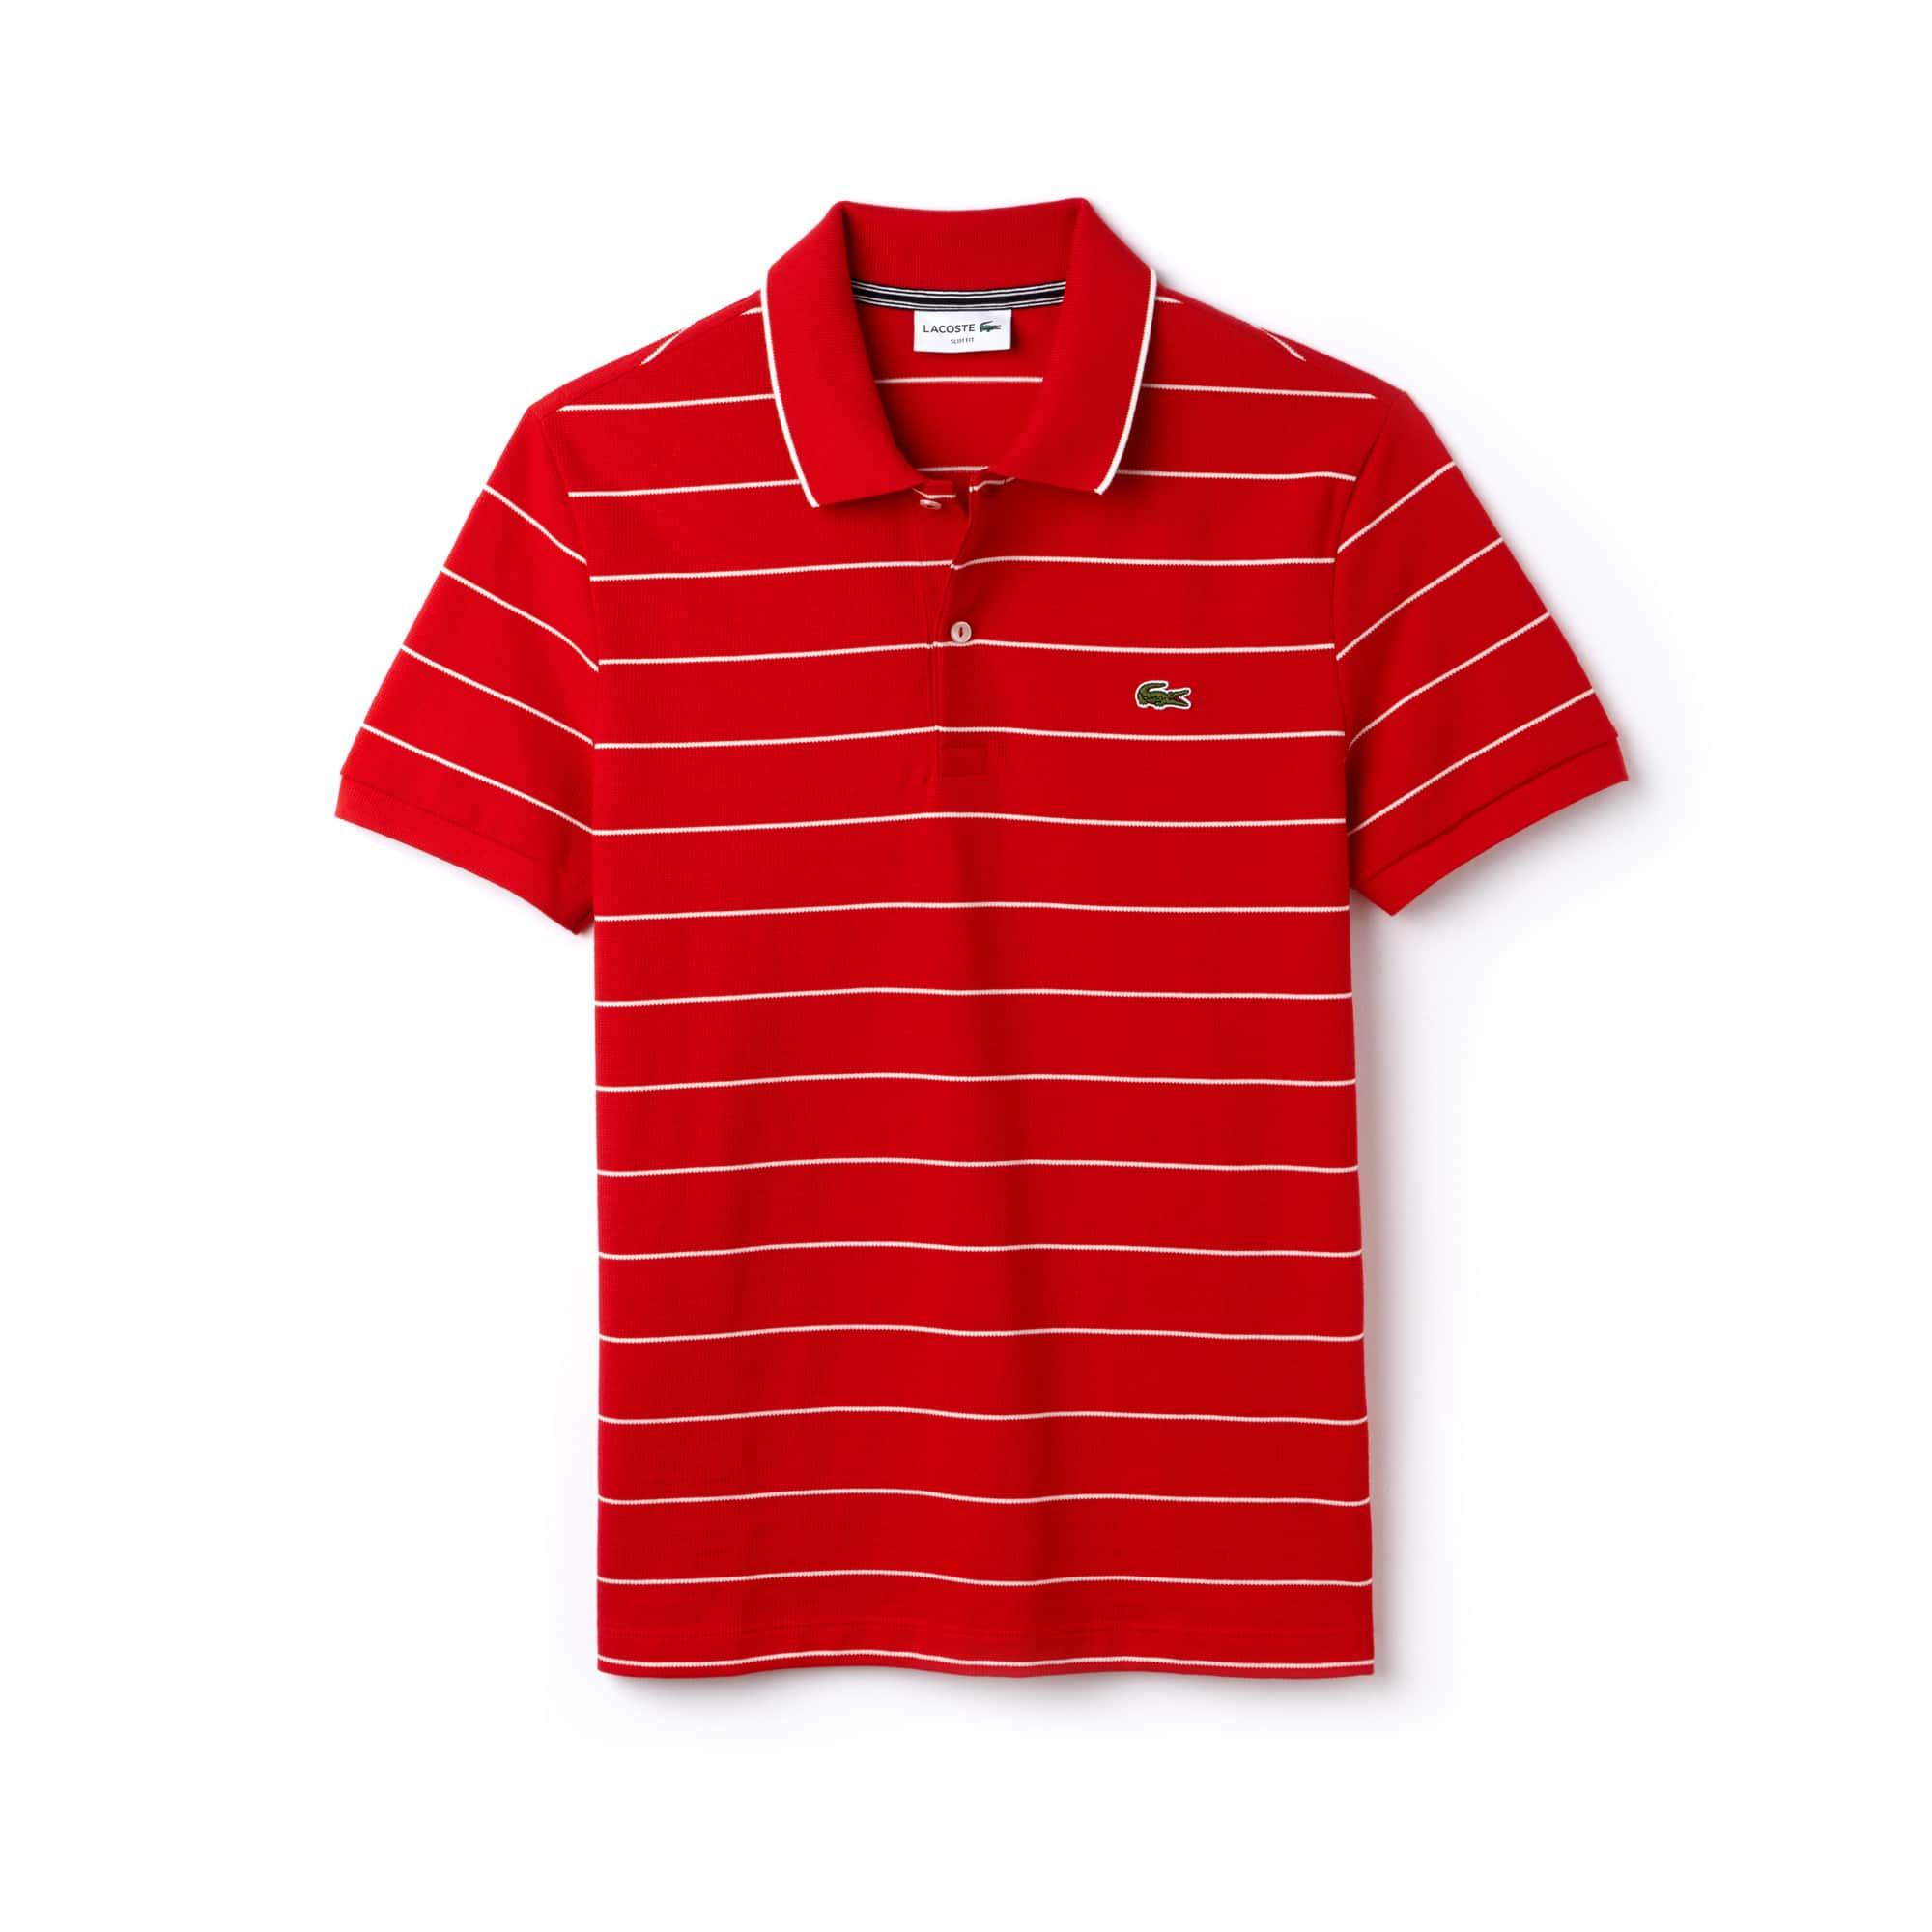 Polo slim fit Lacoste in maglia quadra e jersey a righe con bordino